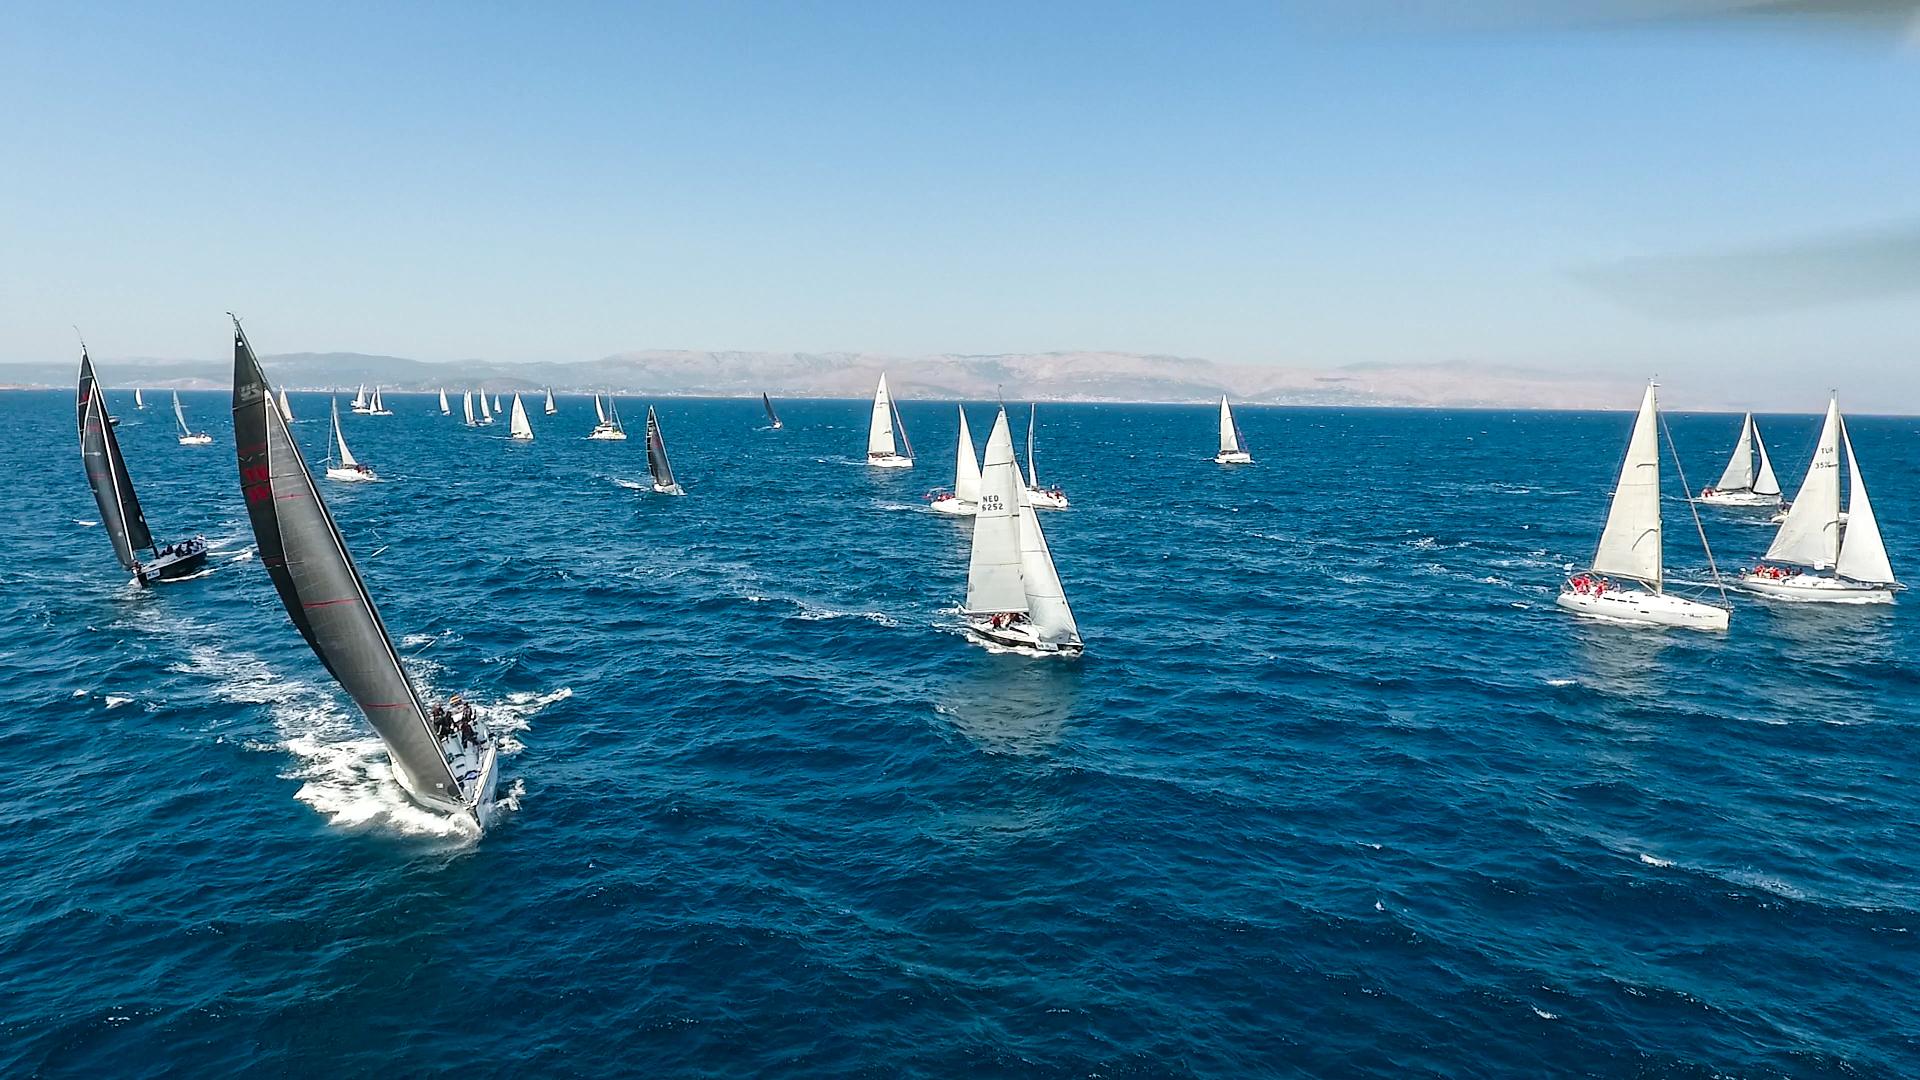 arkas-aegean-link-regatta-3.jpg